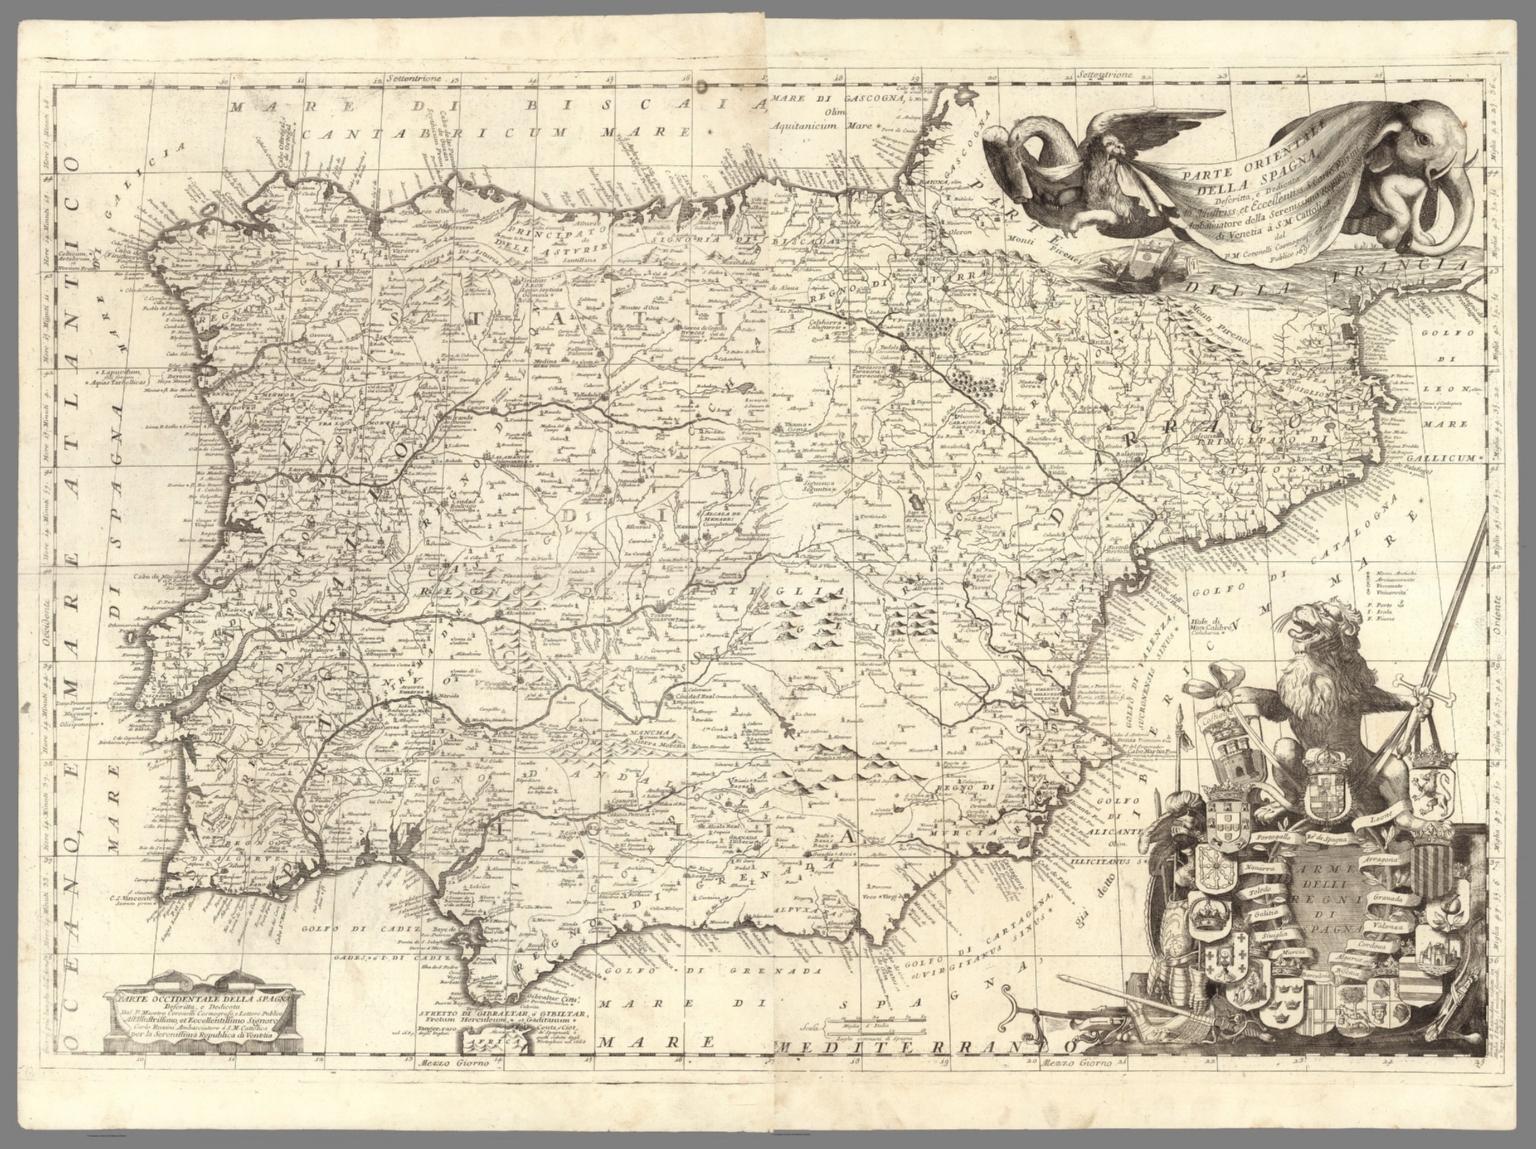 Composite: Parte orientale della Spagna. Parte occidentale della Spagna